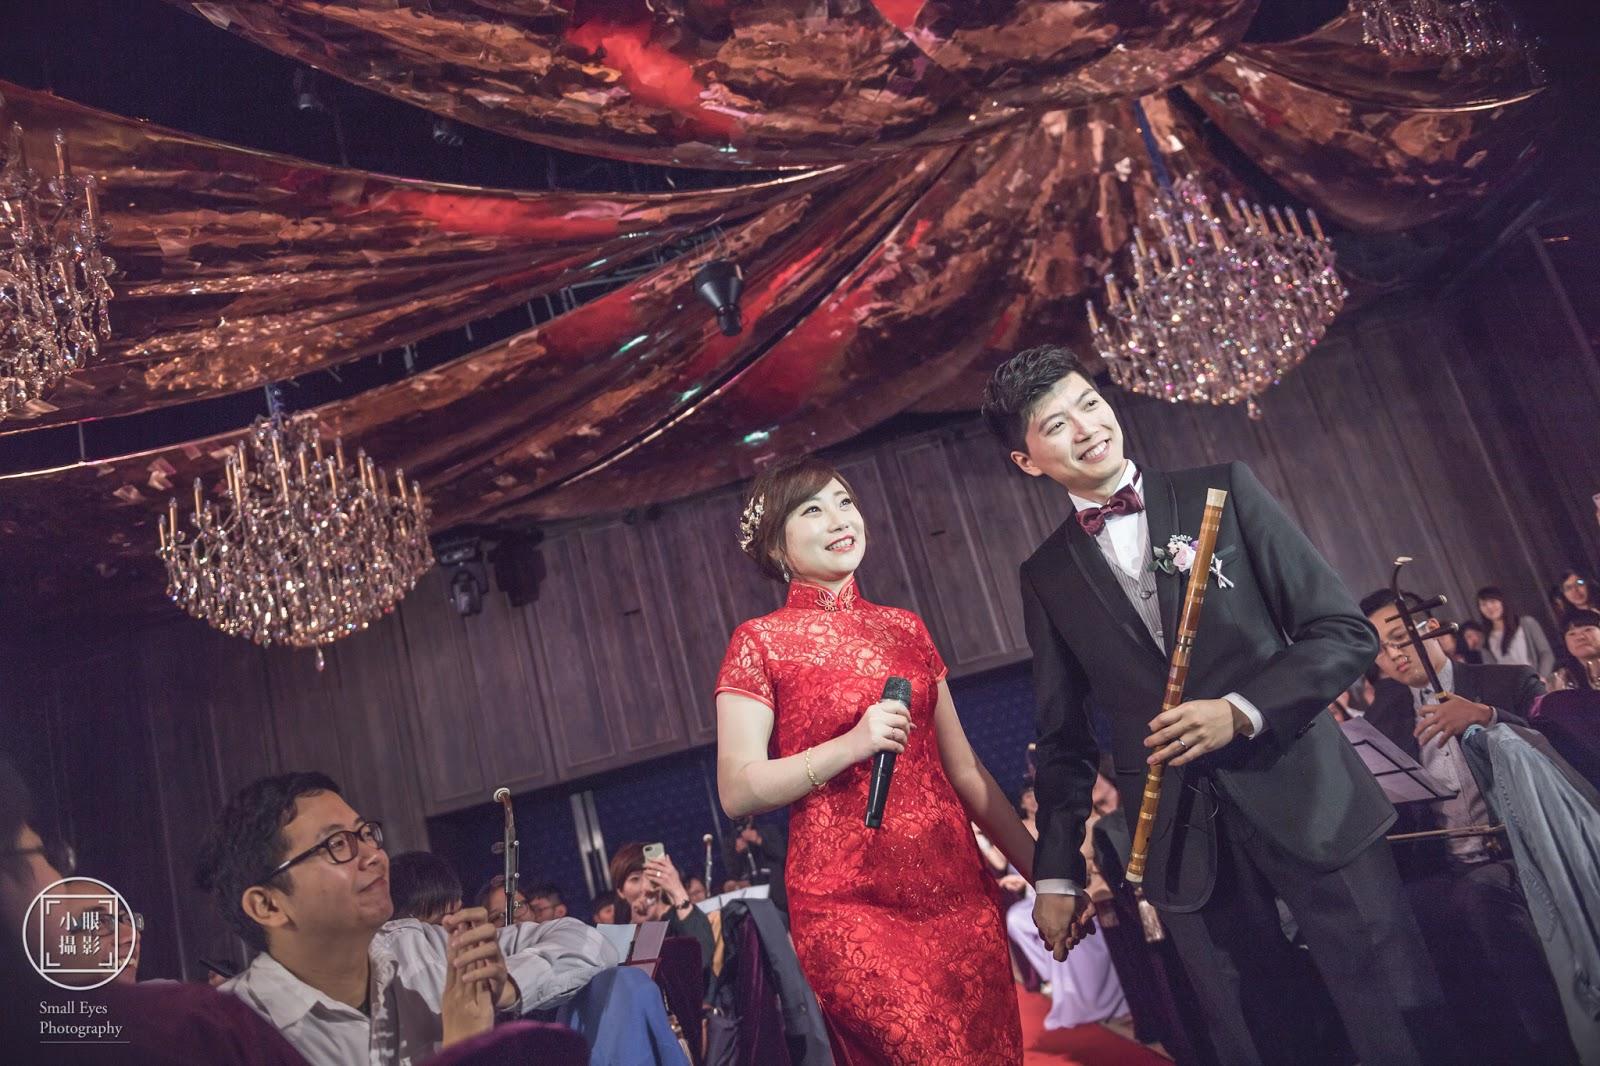 婚攝,小眼攝影,婚禮紀實,婚禮紀錄,婚紗,國內婚紗,海外婚紗,寫真,婚攝小眼,台北,君品,君品酒店,PALAIS de CHINE HOTEL,自主婚紗,自助婚紗